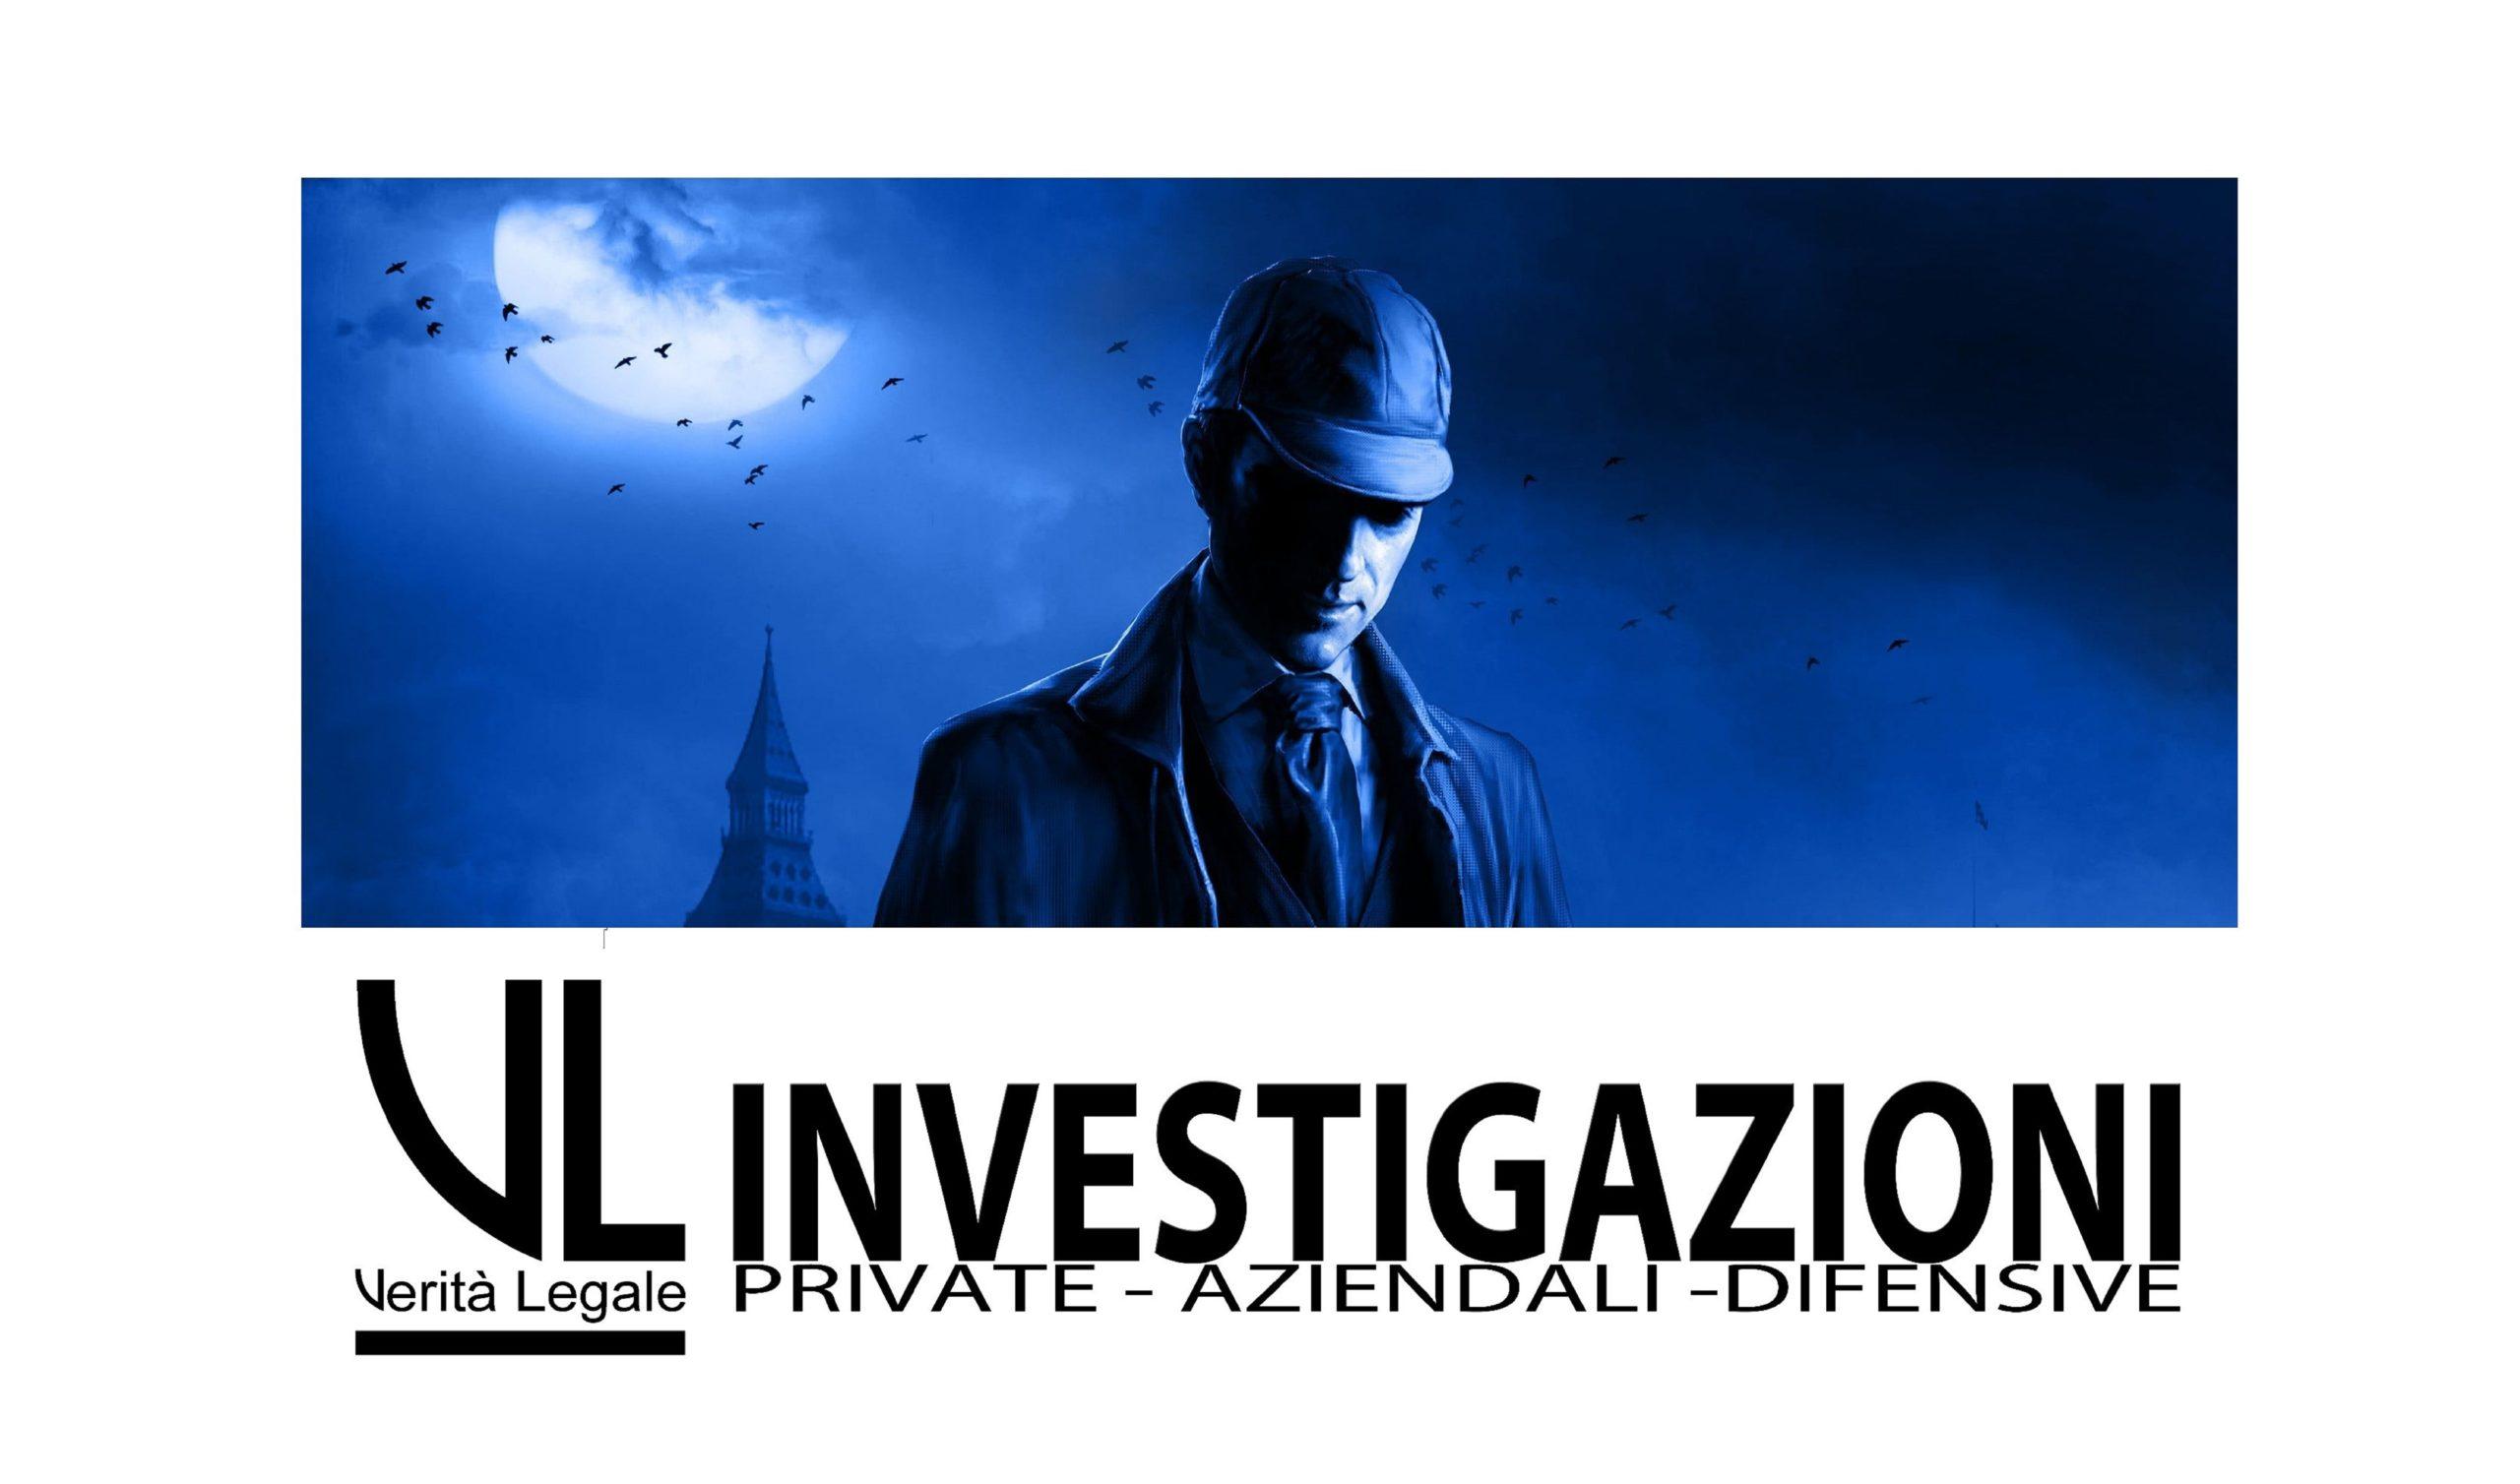 Logo dell'azienda Verità Legale con foto rappresentativa di un detective, rappresentante il cuore di ciò che l'azienda si prefigge di salvaguardare.